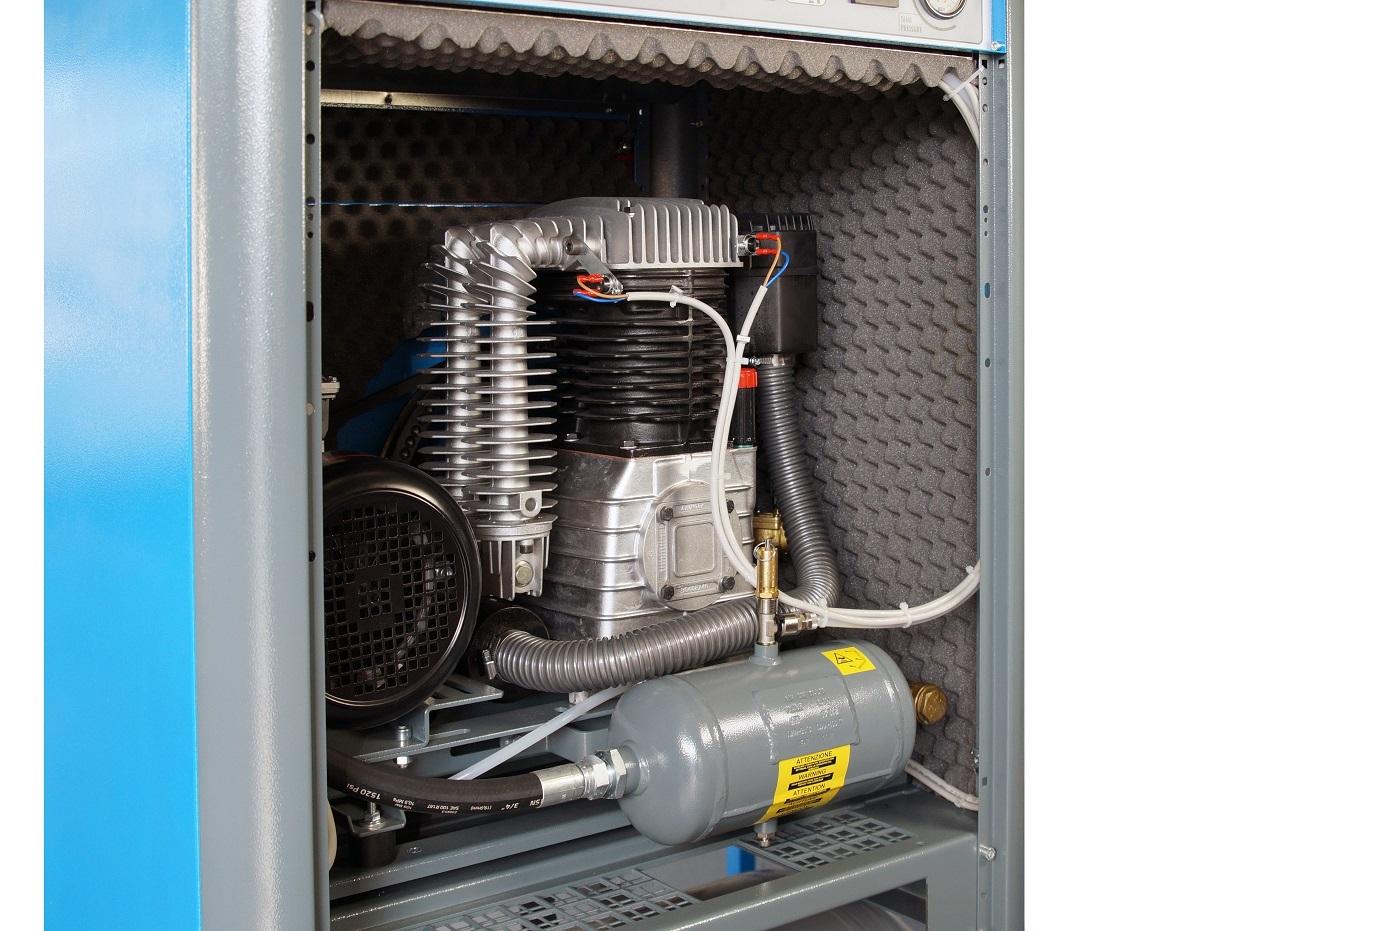 Plaque D Extension Pour Compresseur A Courroie Trapezoidale Silent Basis Pro B Ak50 15 7 5 Kw Avec Circuit St 15 Bar Aerotec 20161021